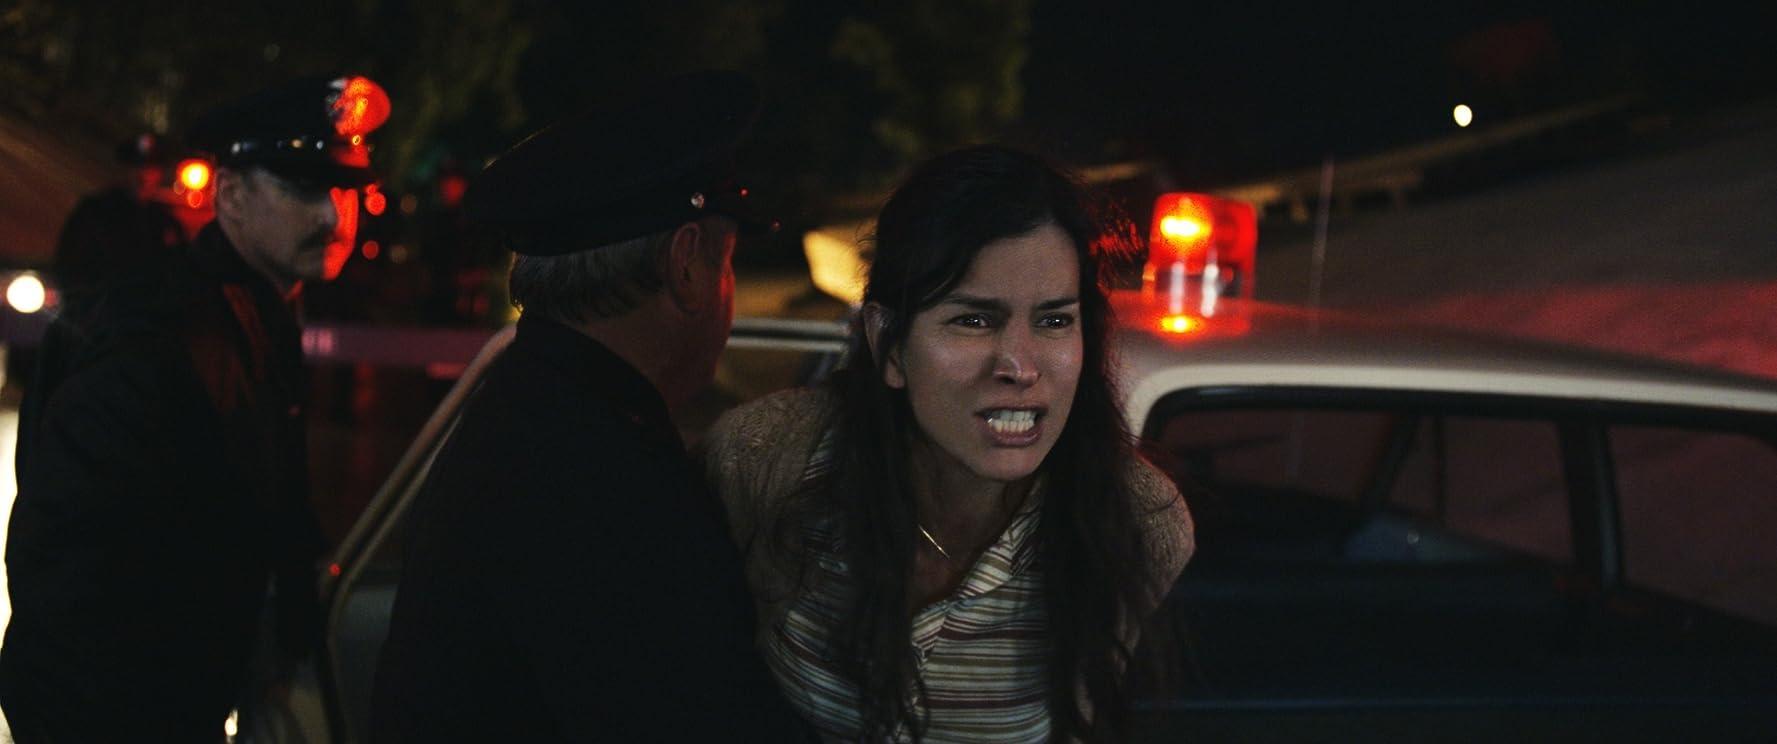 Patricia Velasquez in The Curse of La Llorona (2019)